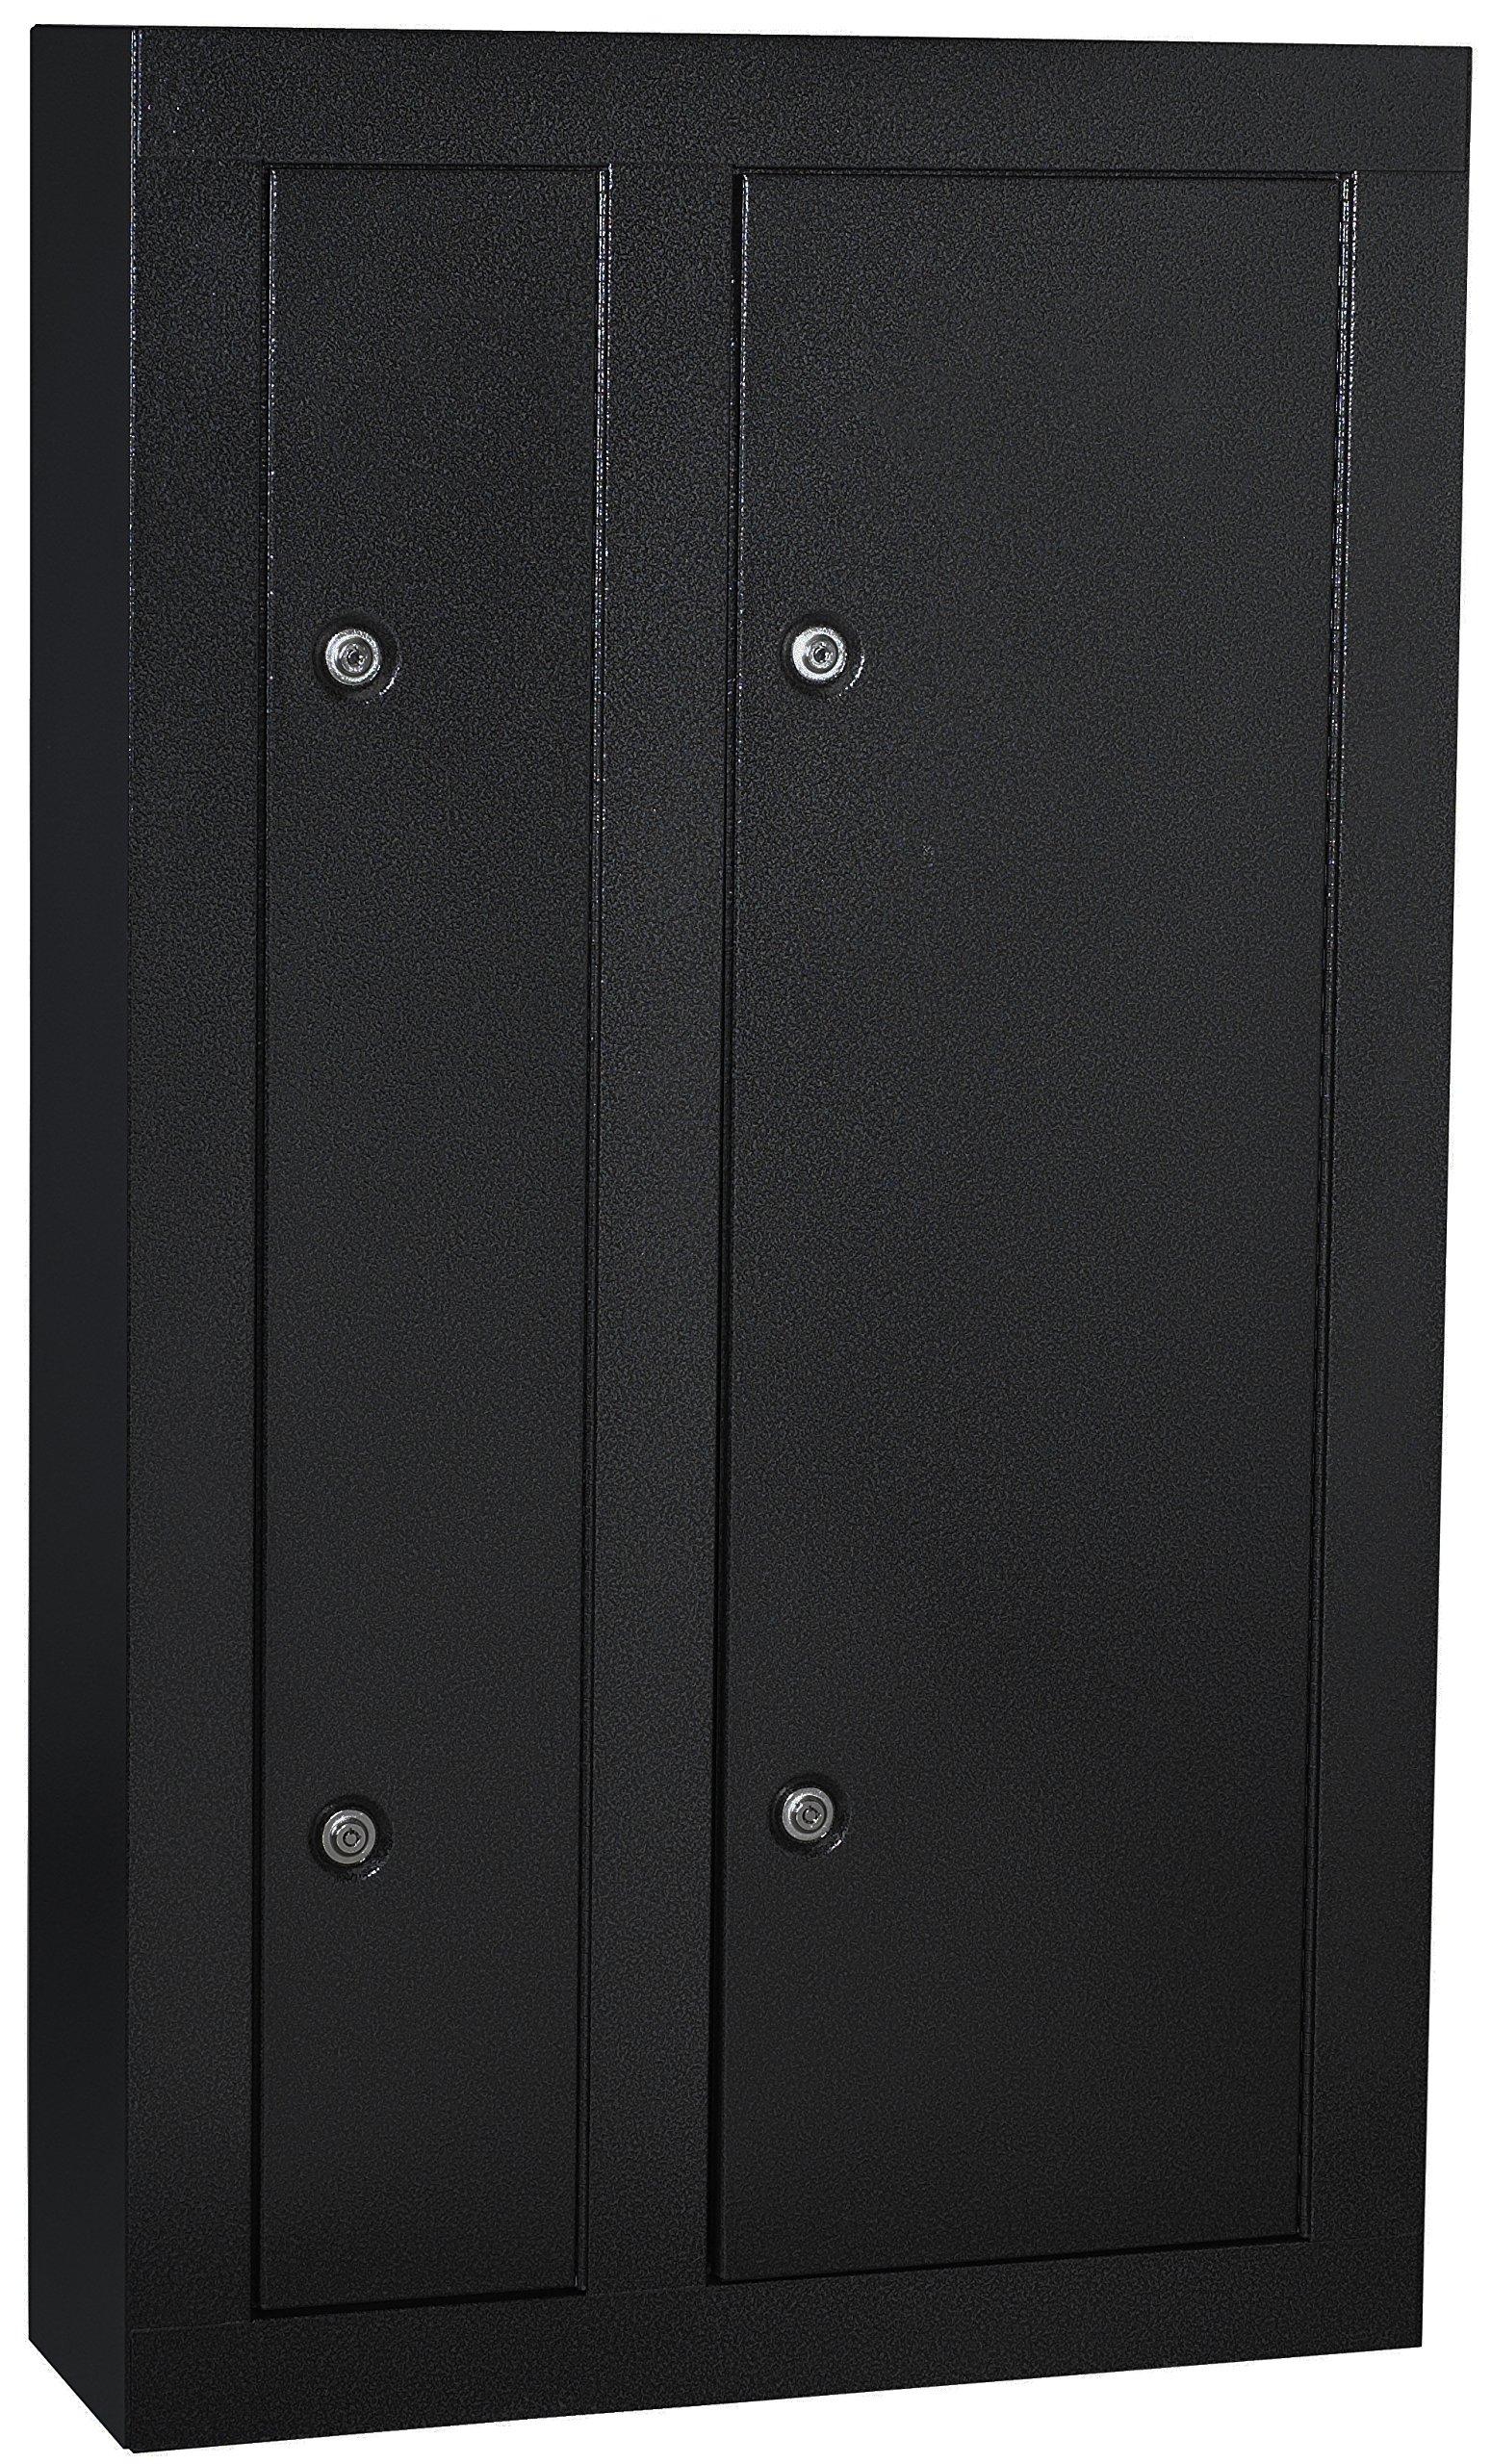 Homak HS30136028 8-Gun Double Door Security Cabinet, Black